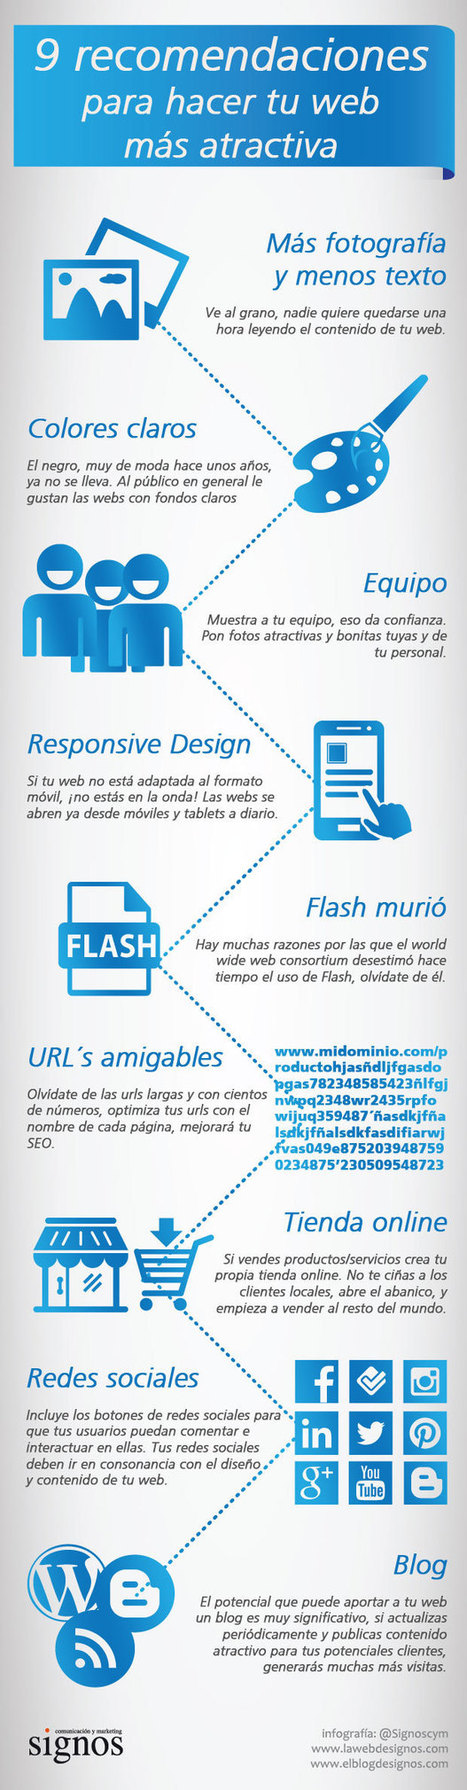 9 recomendaciones para hacer tu web más atractivo #infografia #infographic #marketing   Enriquecer vocabulario   Scoop.it